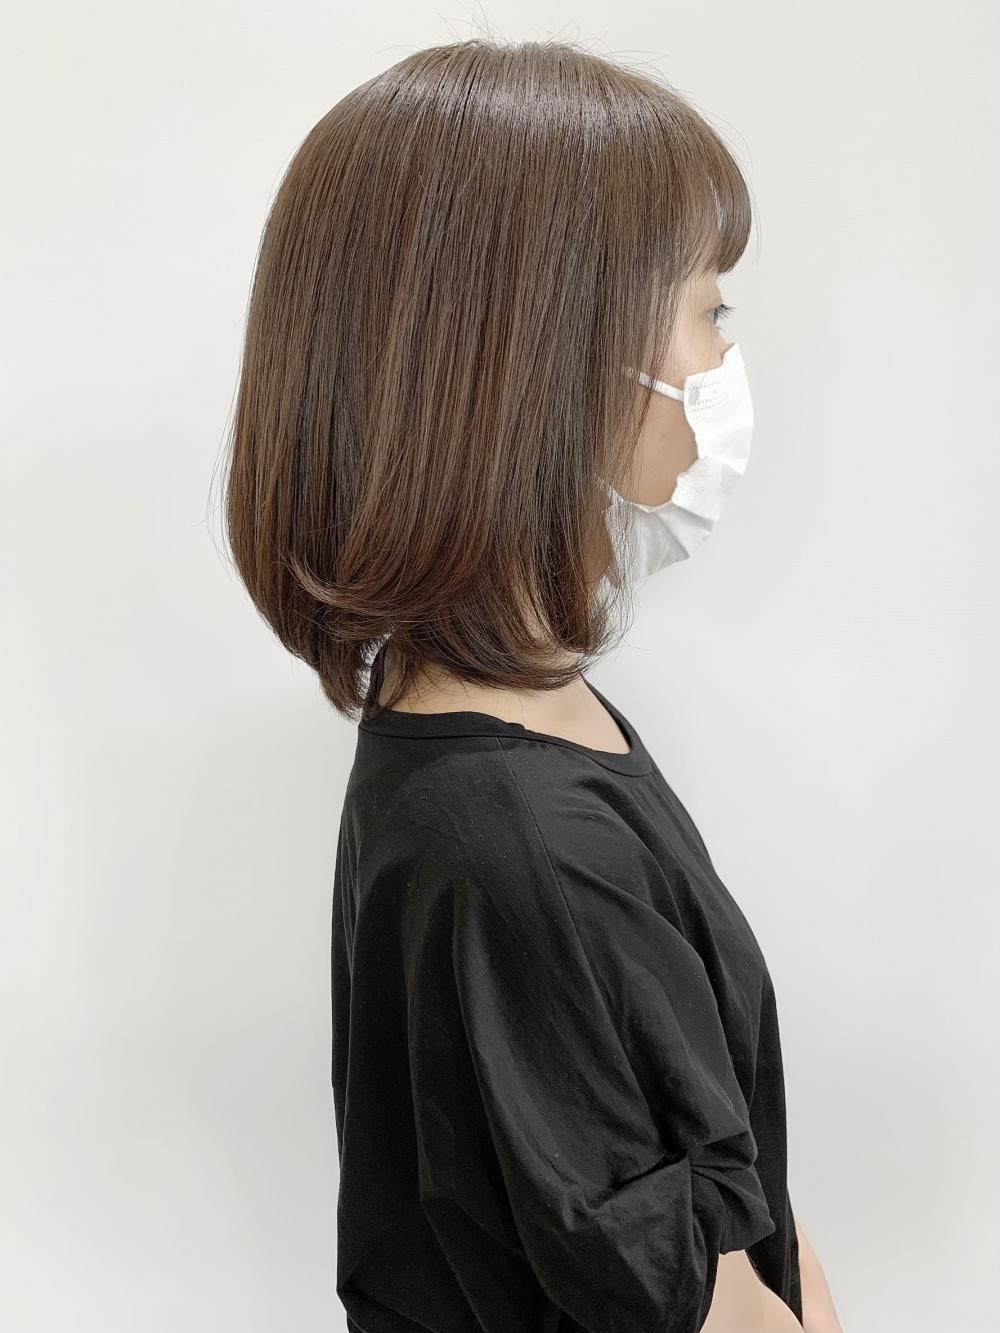 【feliceMICHI佐藤夏美】ゆるロブ